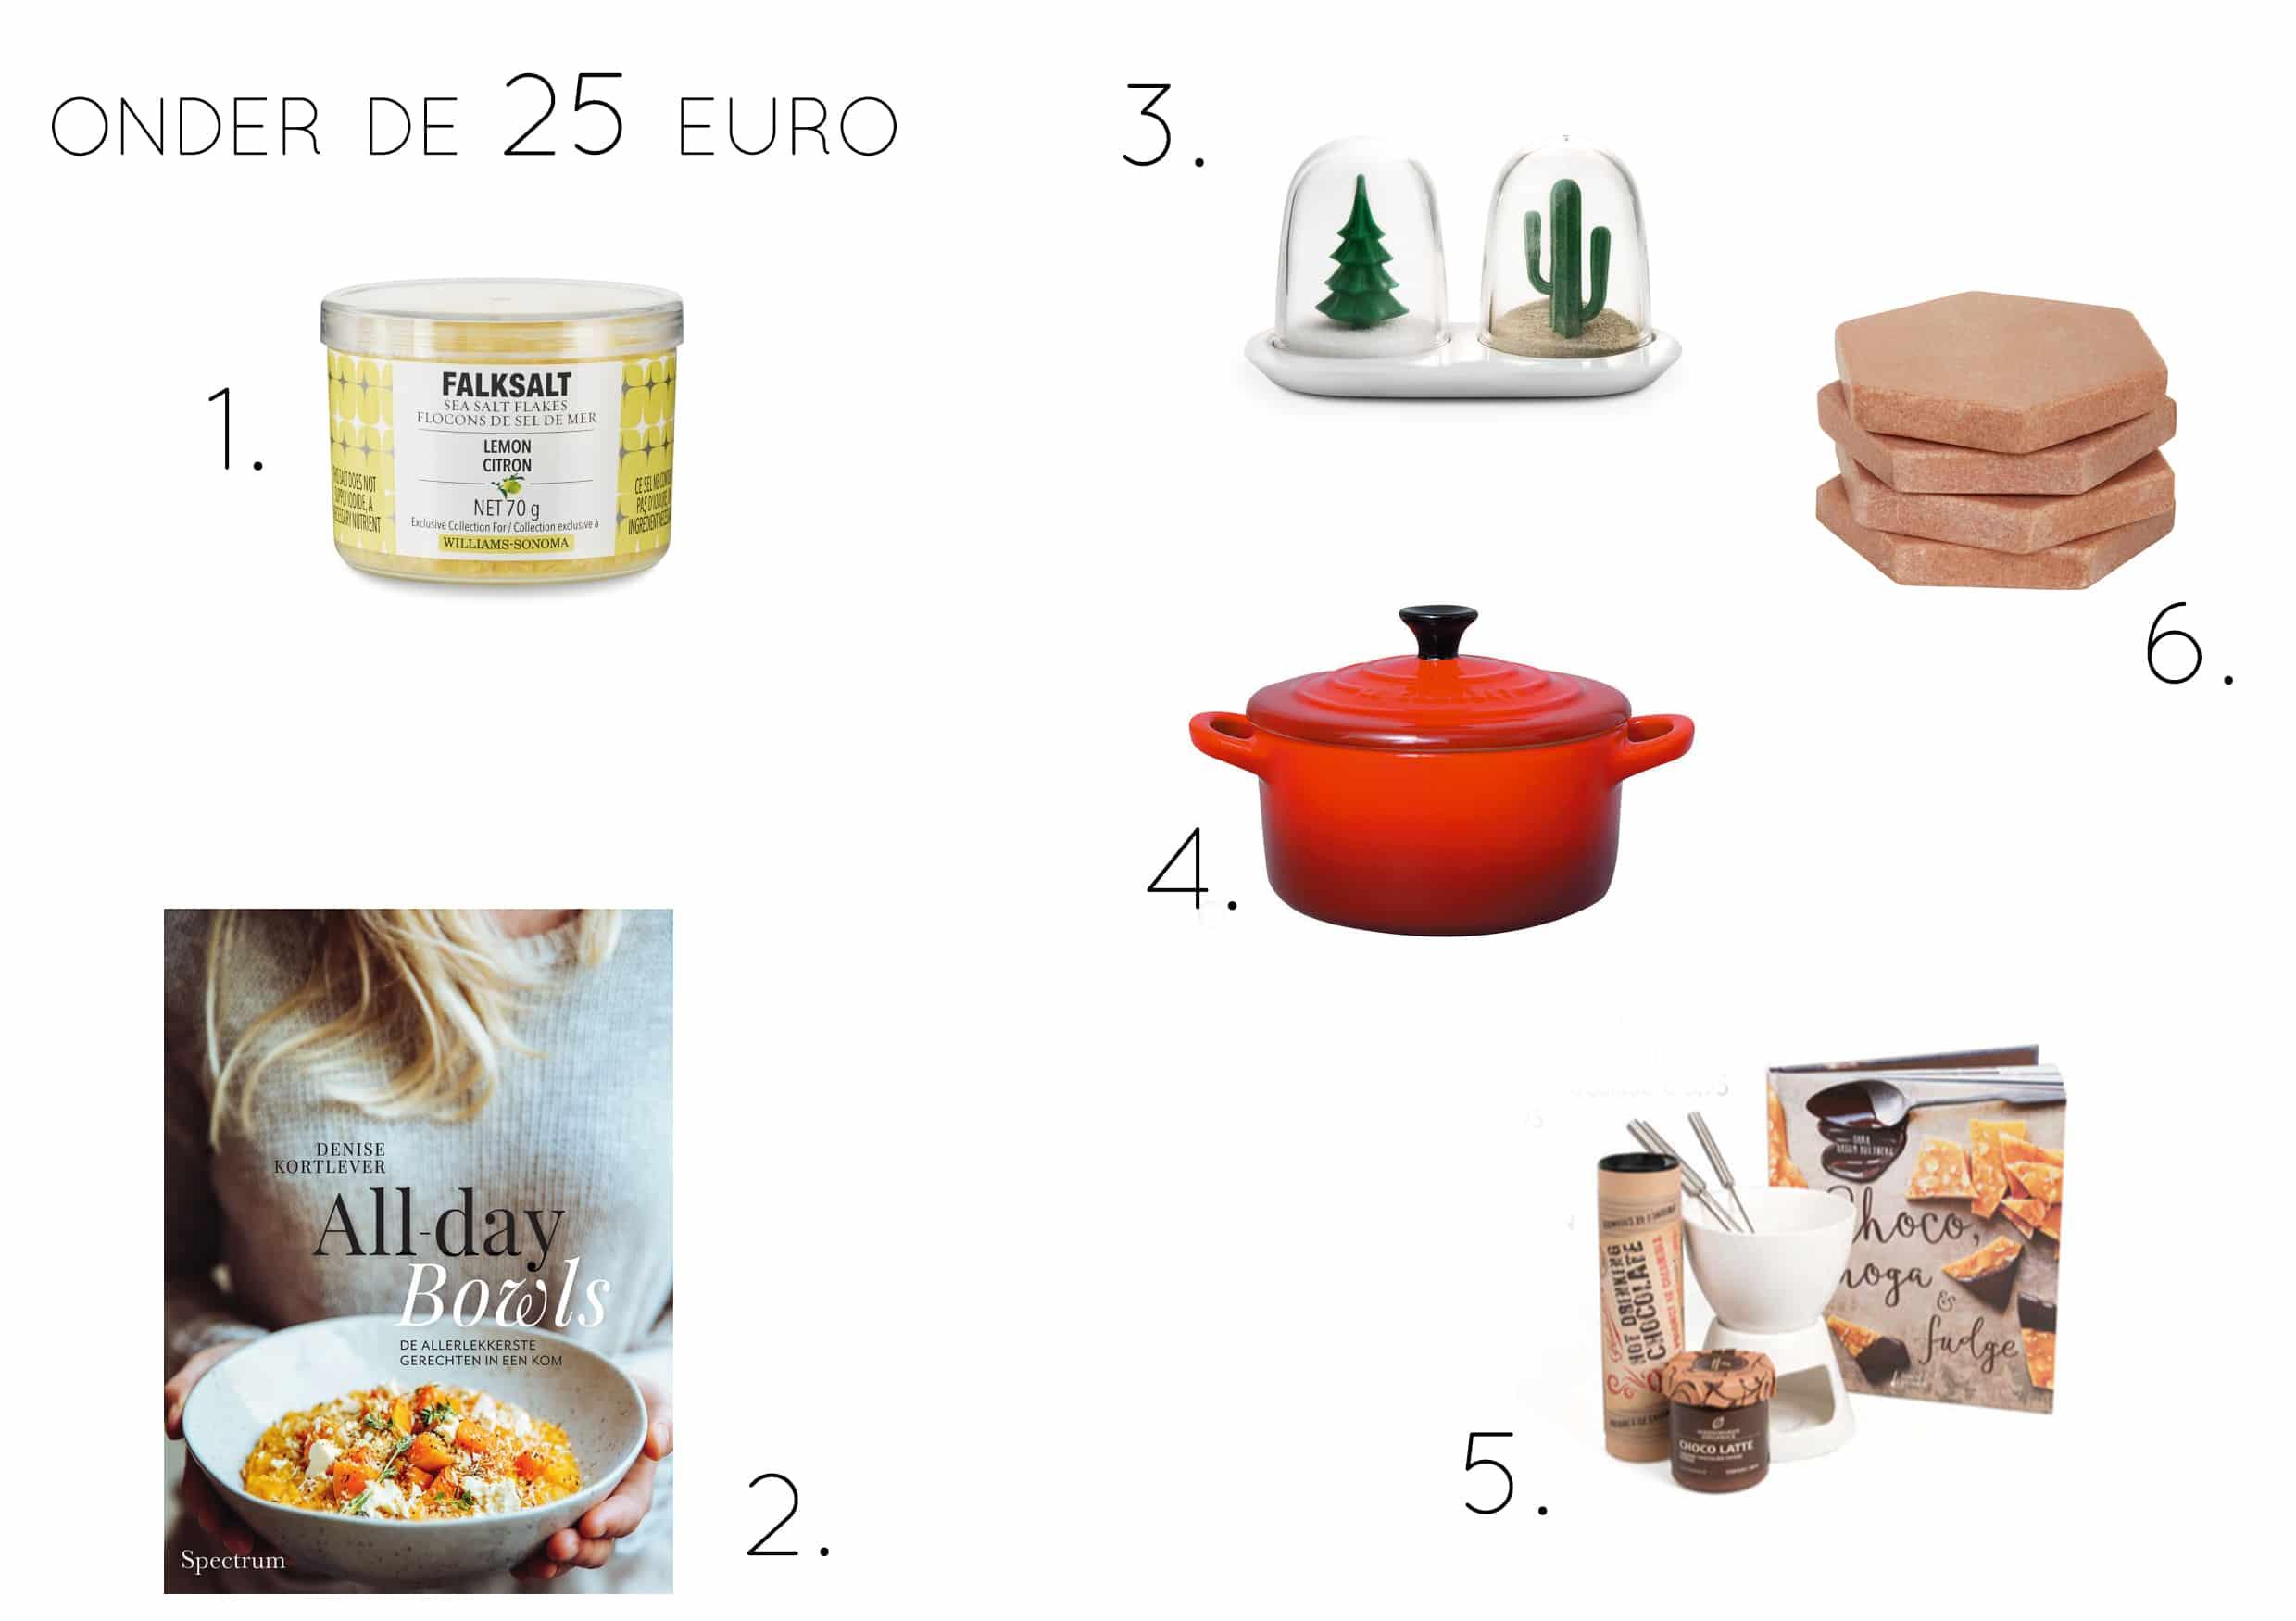 foodie-gift-guide-onder-25